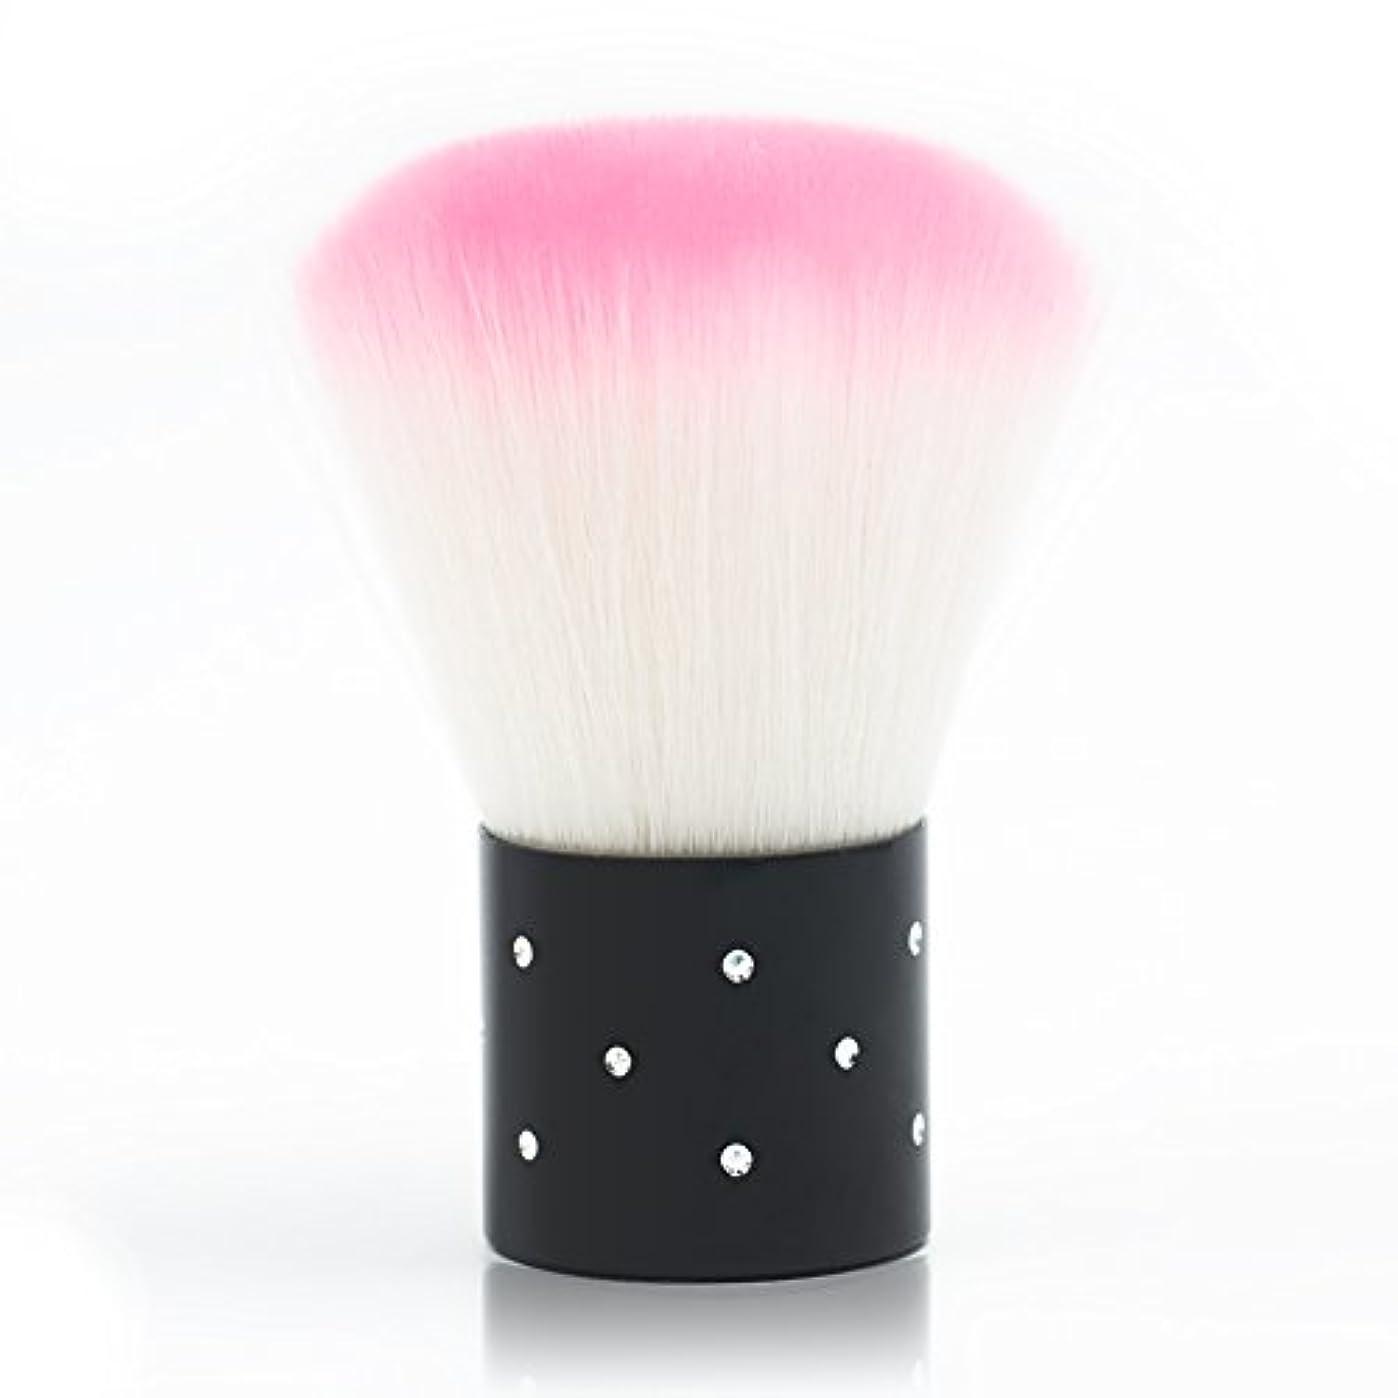 シャワーあいにく命令メーリンドス マニキュア&メイクツール しなやかピンクダストブラシ 可愛いケア刷毛工具